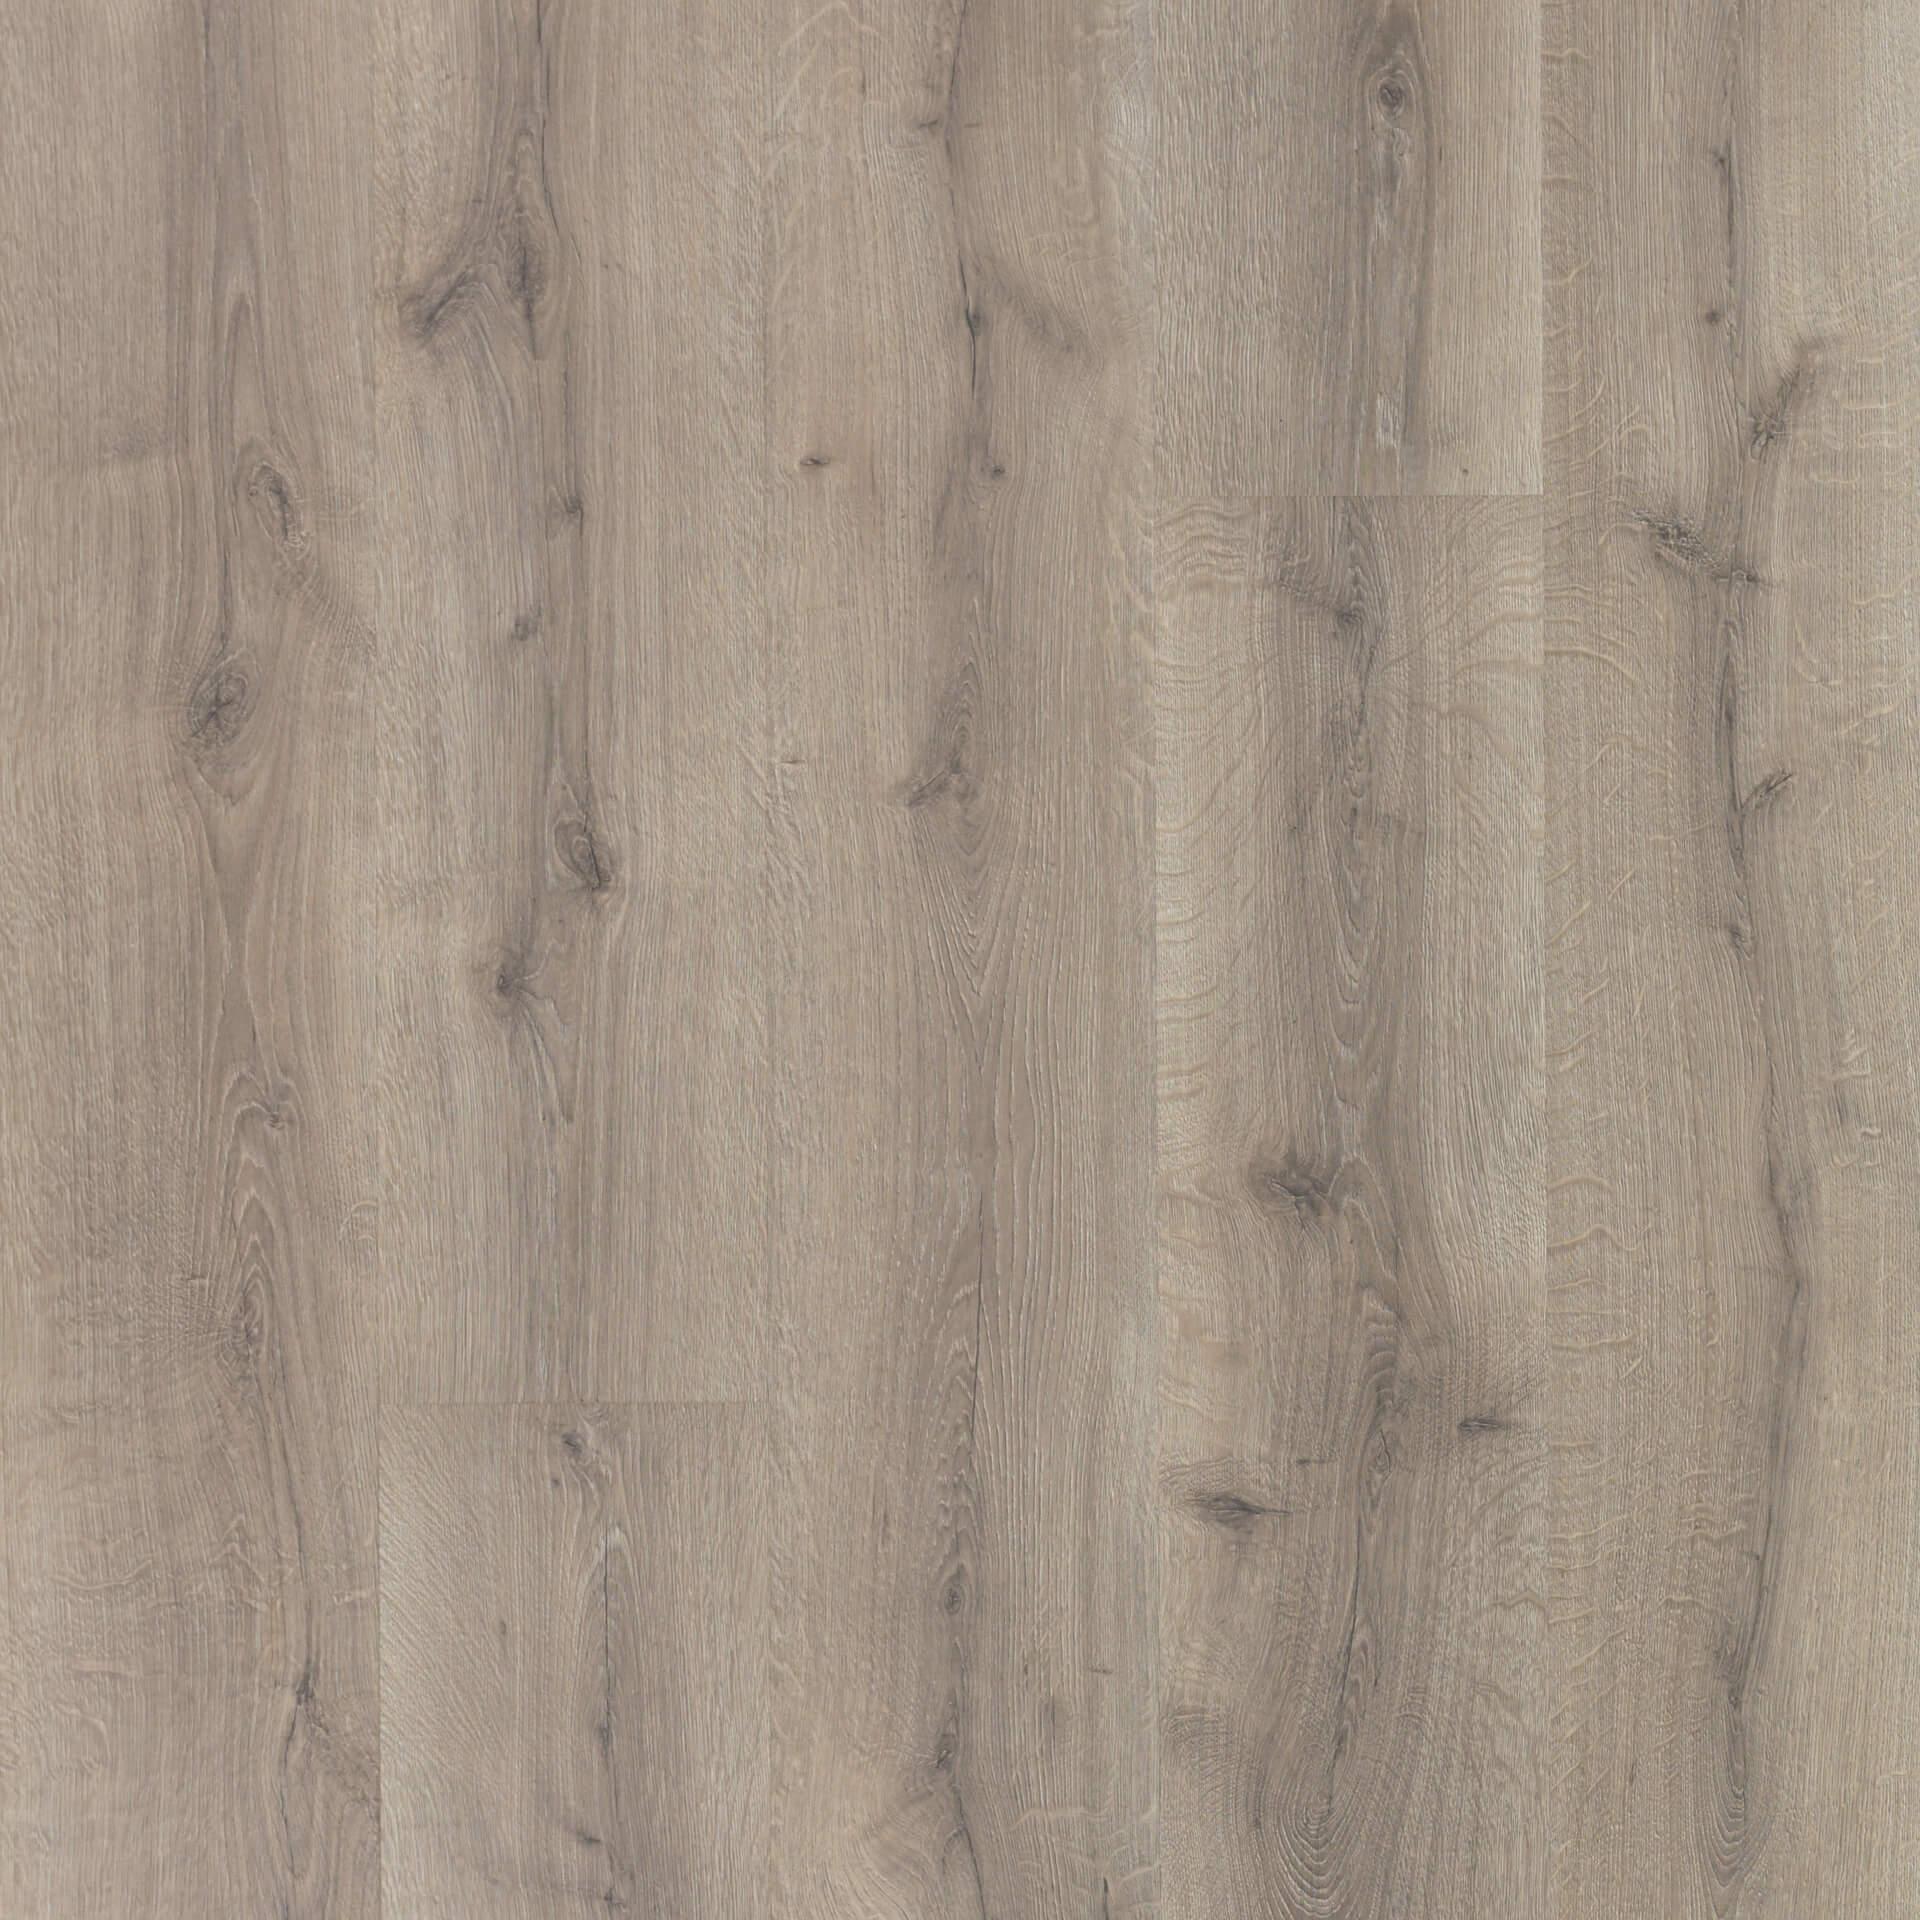 Garner Oak Colossia Collection Laminate